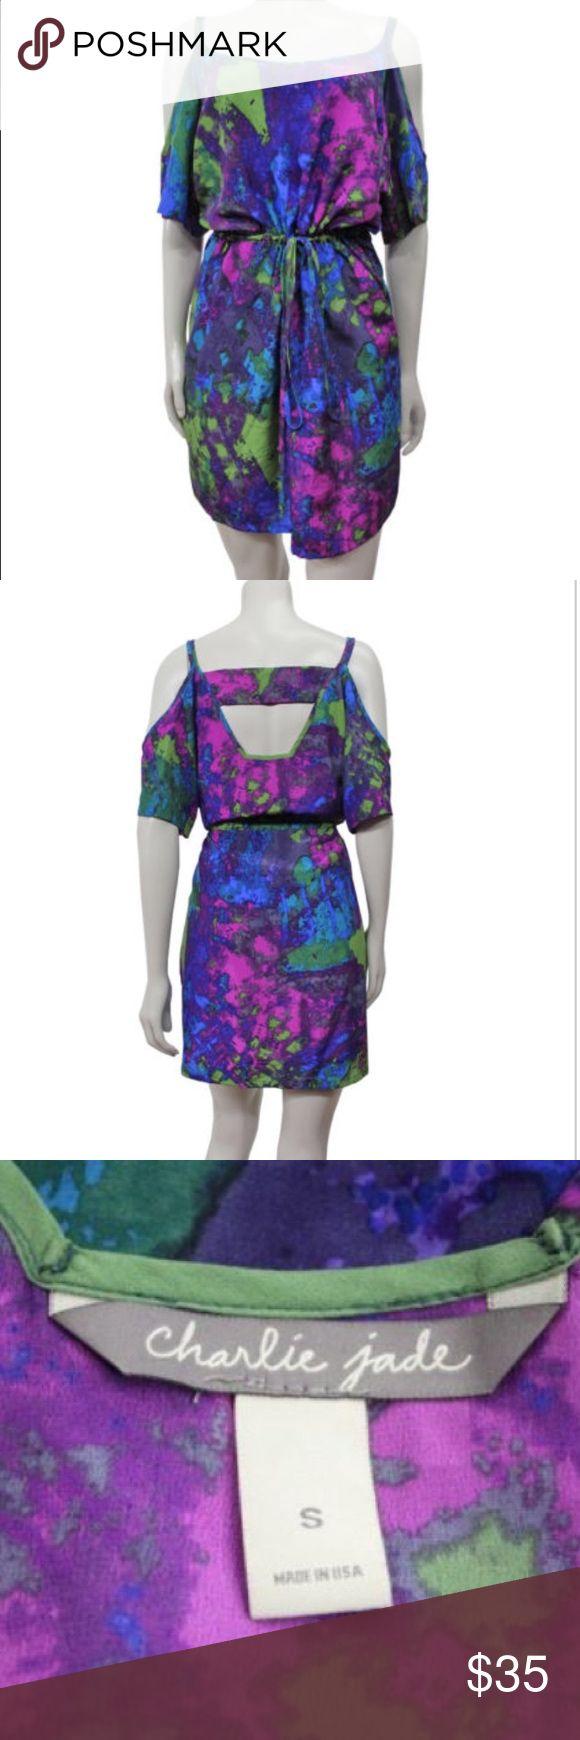 Charlie Jade Cold Shoulder Blouson Dress Flirty 100% silk cold shoulder blouson dress by Charlie Jade. Charlie Jade Dresses